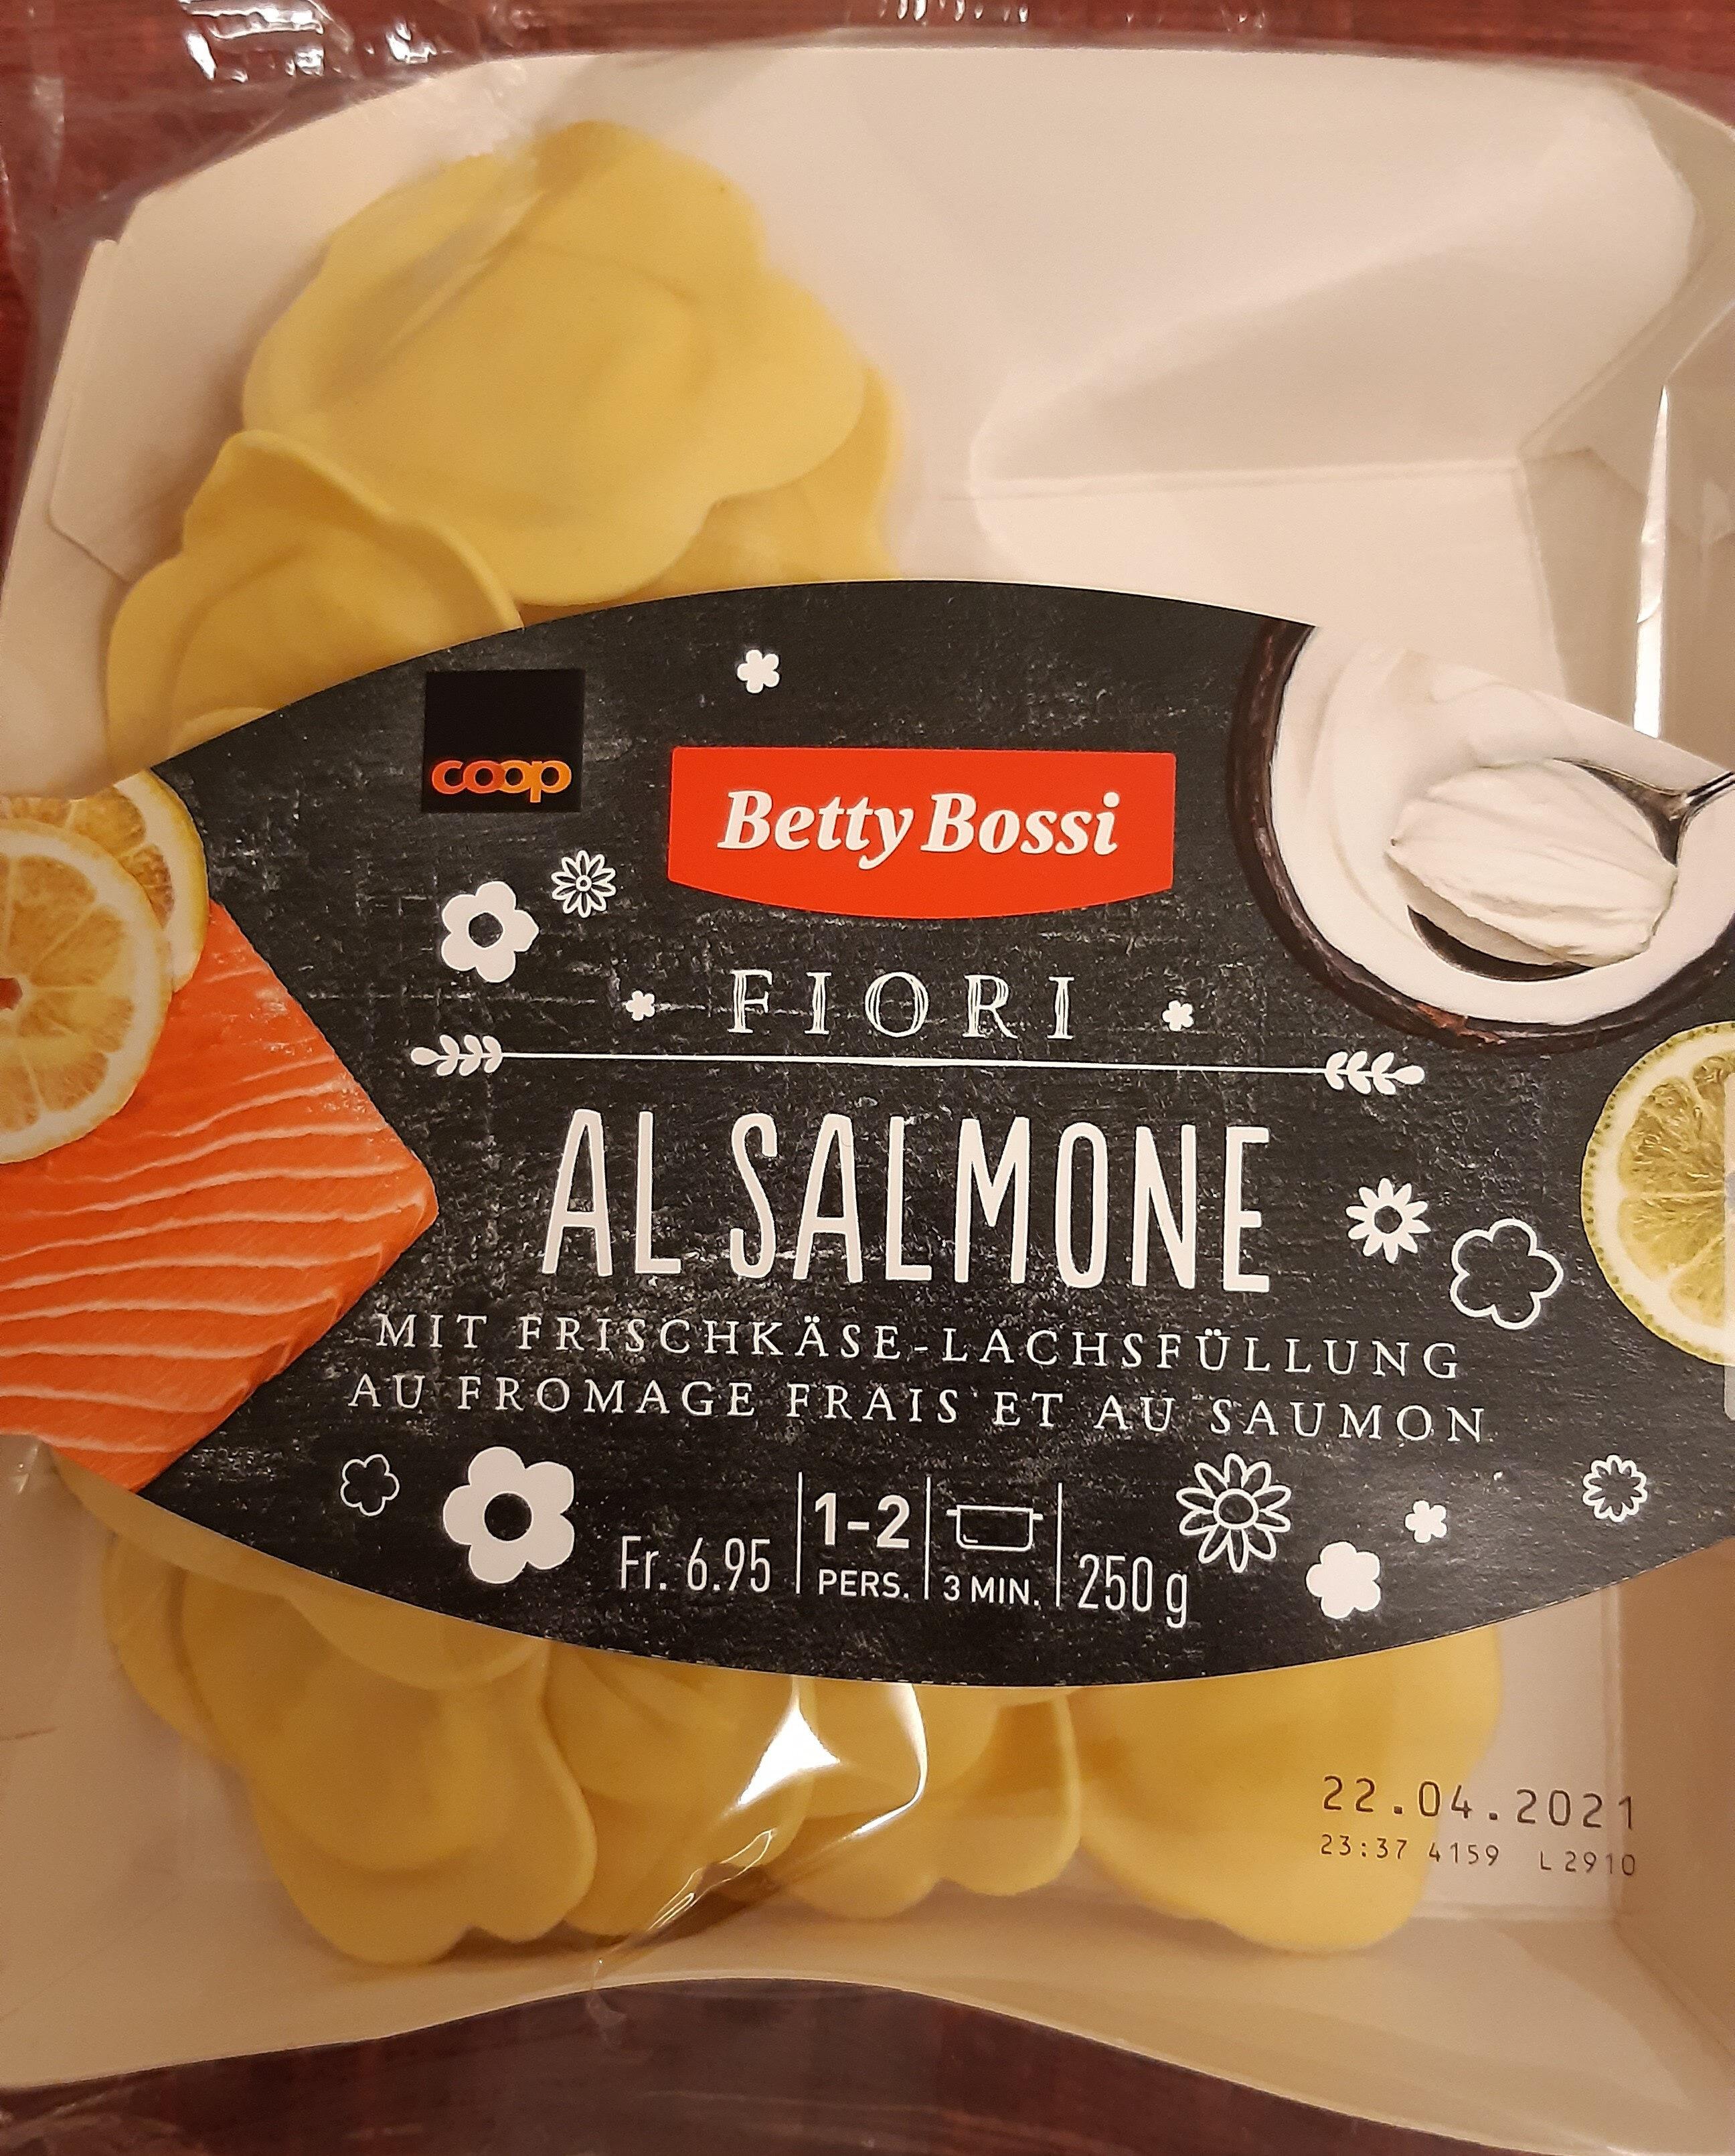 Fiori al salmone - Product - fr